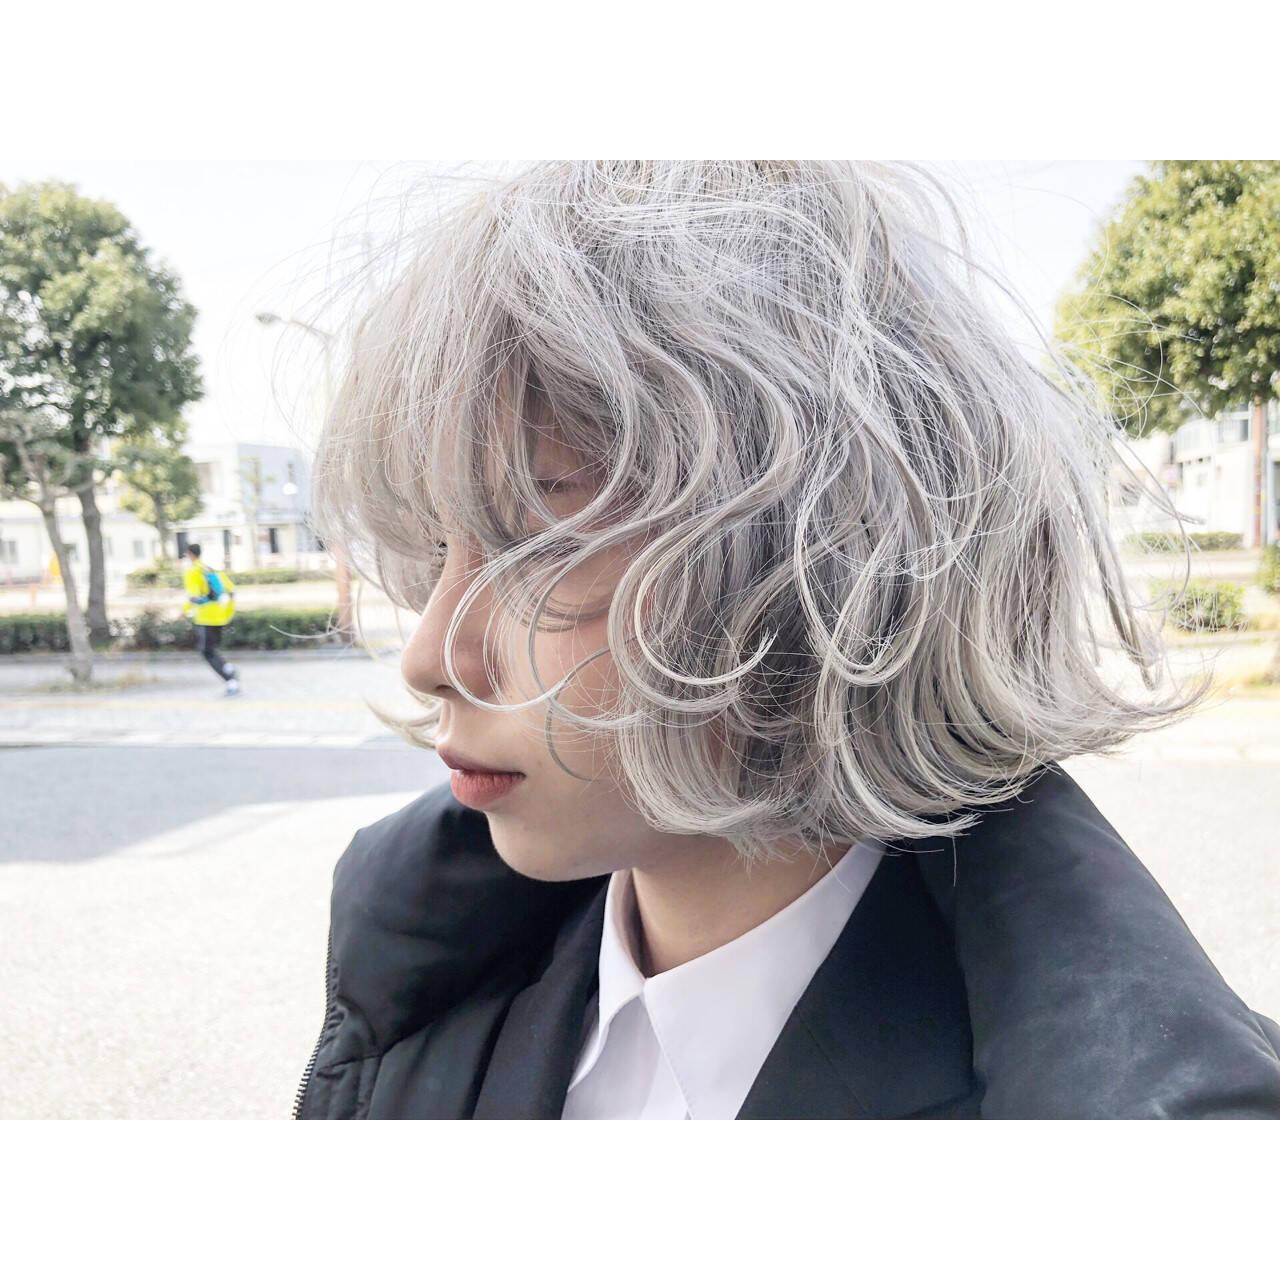 グレージュ ホワイト ストリート シルバーヘアスタイルや髪型の写真・画像